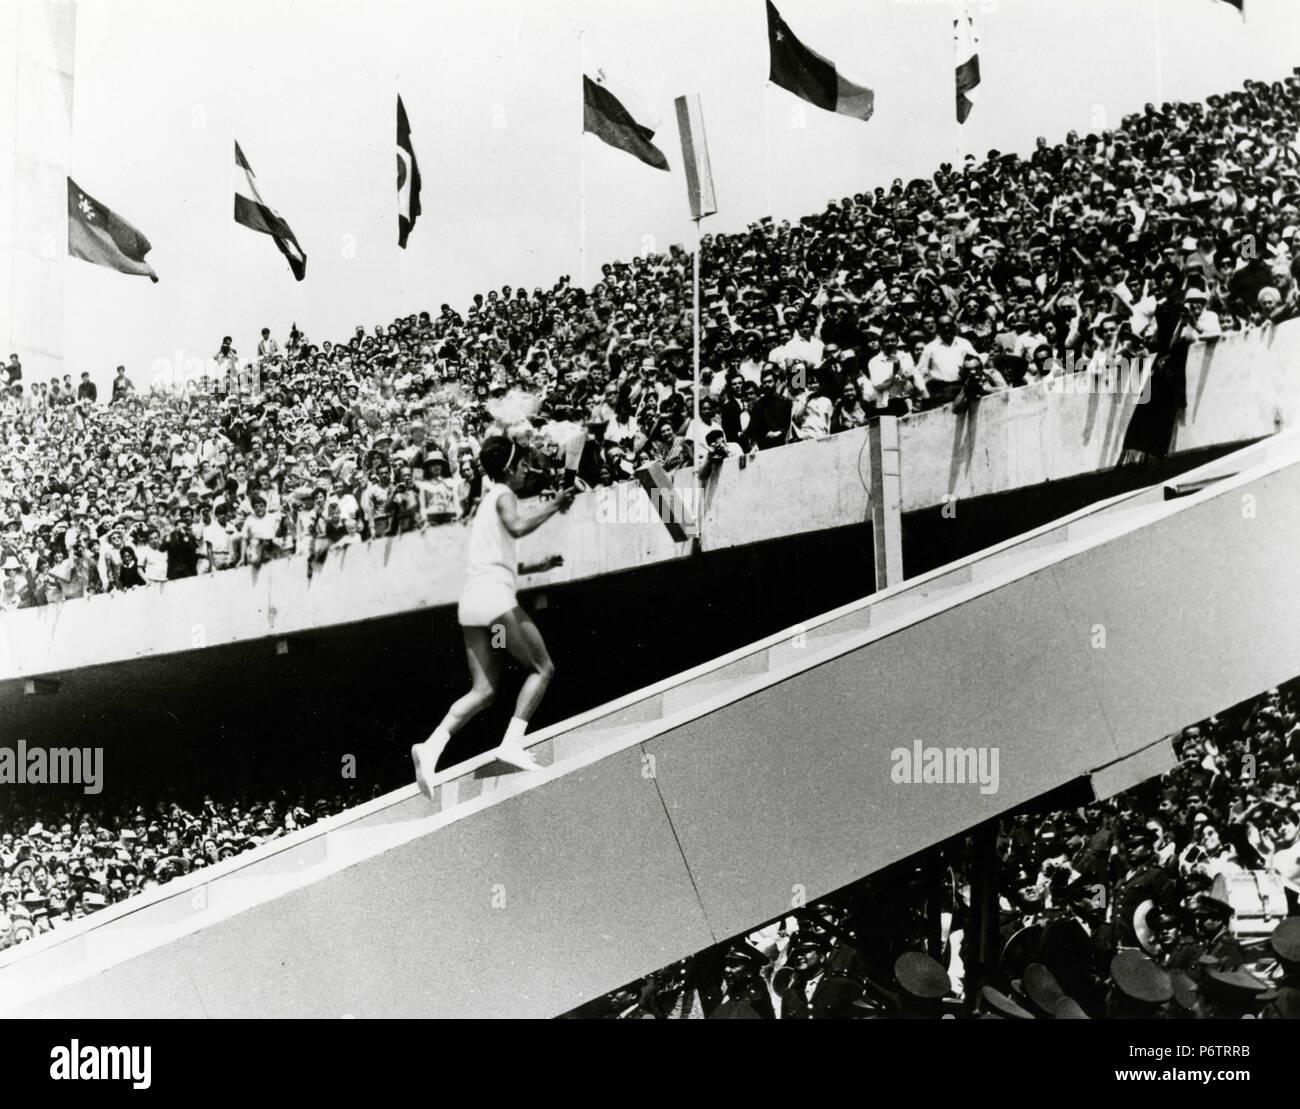 Portador Toarch En Mexico 68 Juegos Olimpicos Mexico 1968 Foto